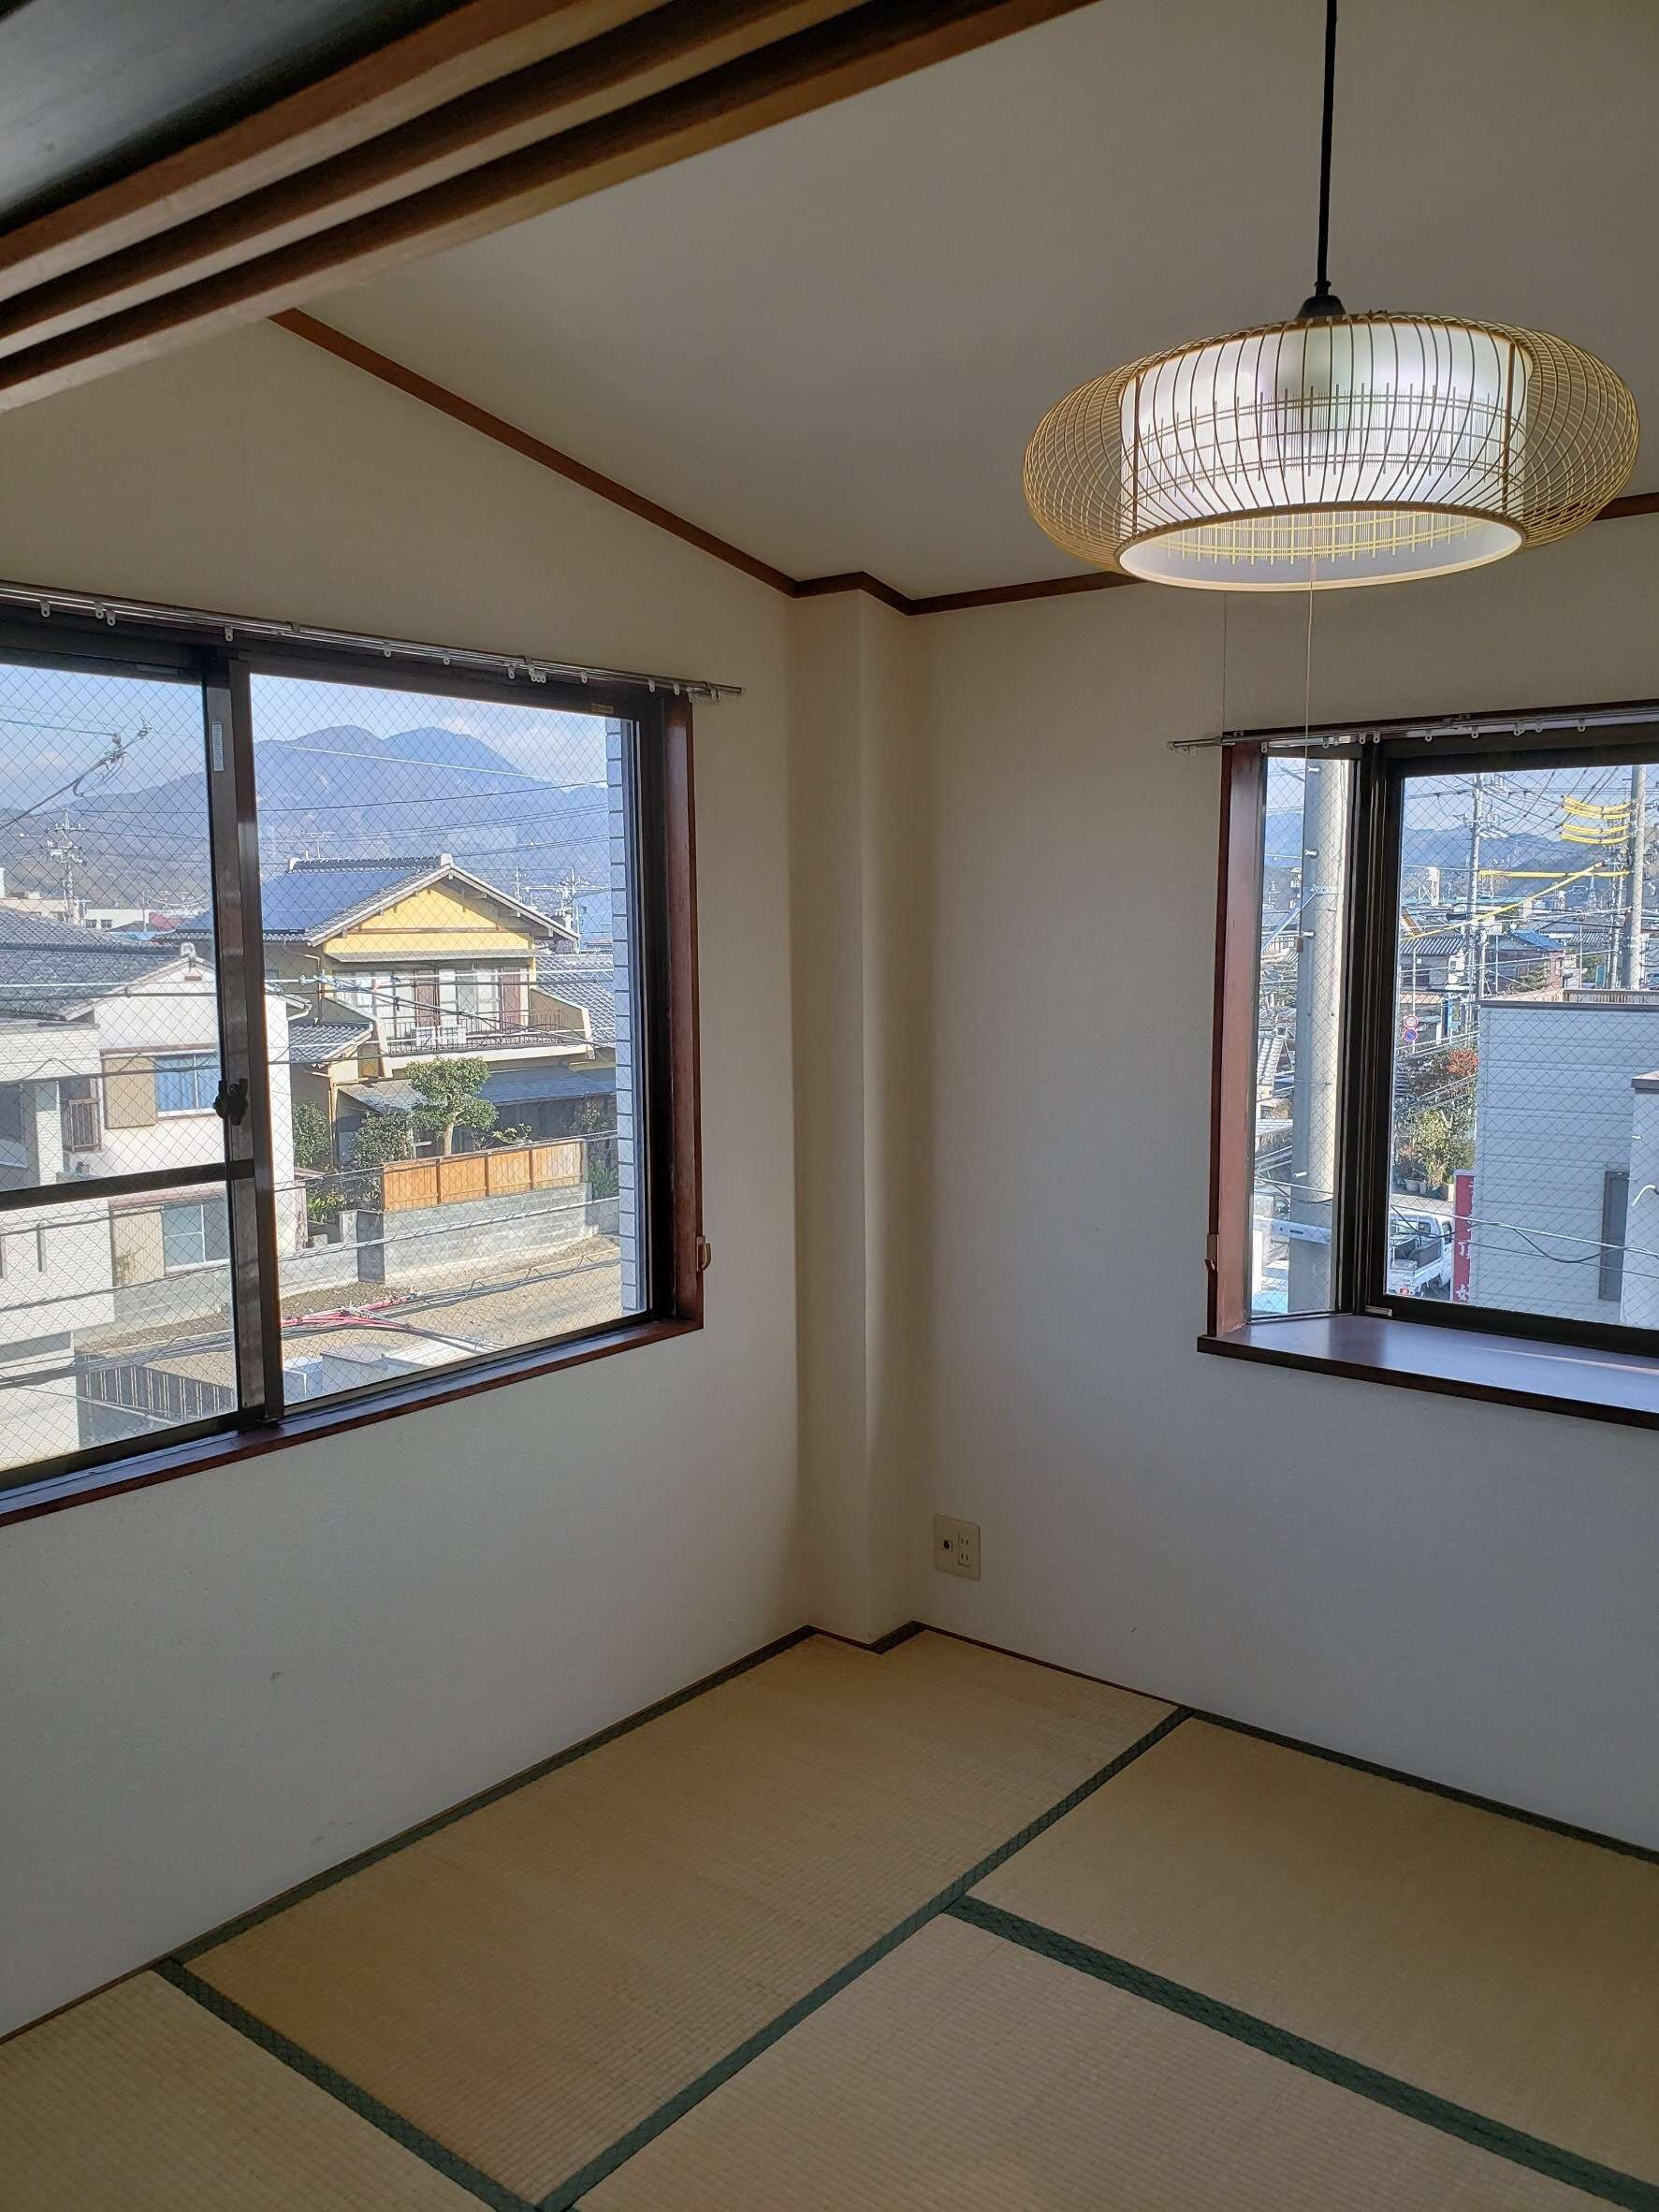 静岡市 和室 壁紙 クロス 張替え クロス張替え 内装工事